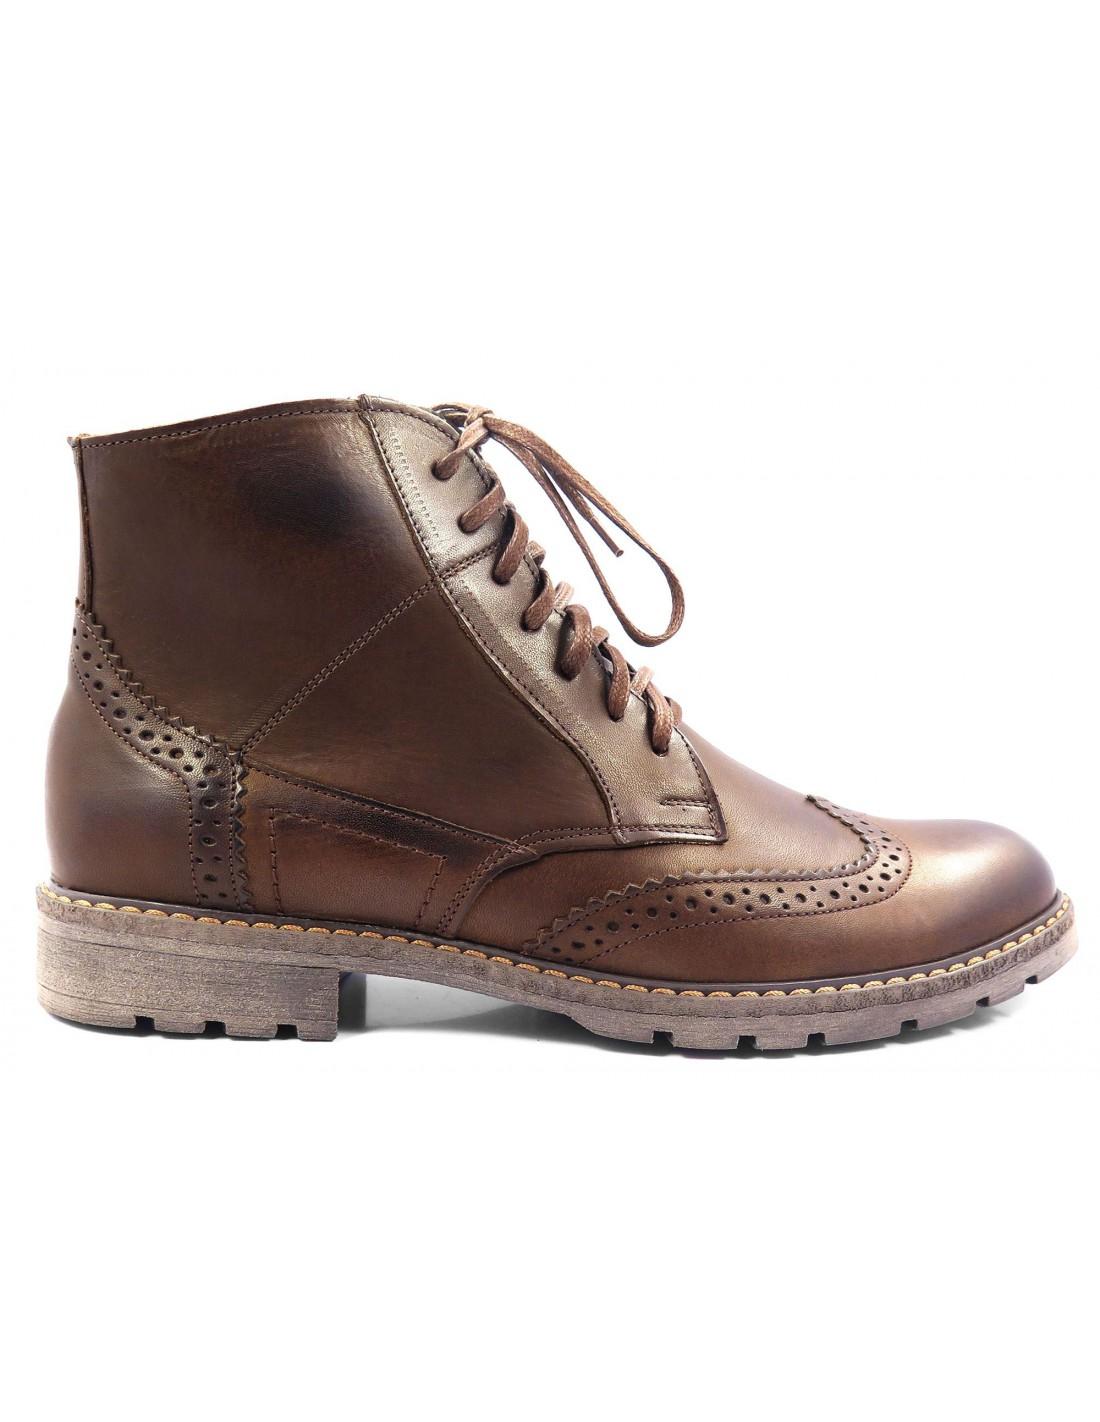 249a78dc Skórzane brązowe buty męskie zimowe | Sklep Internetowy Modini.pl